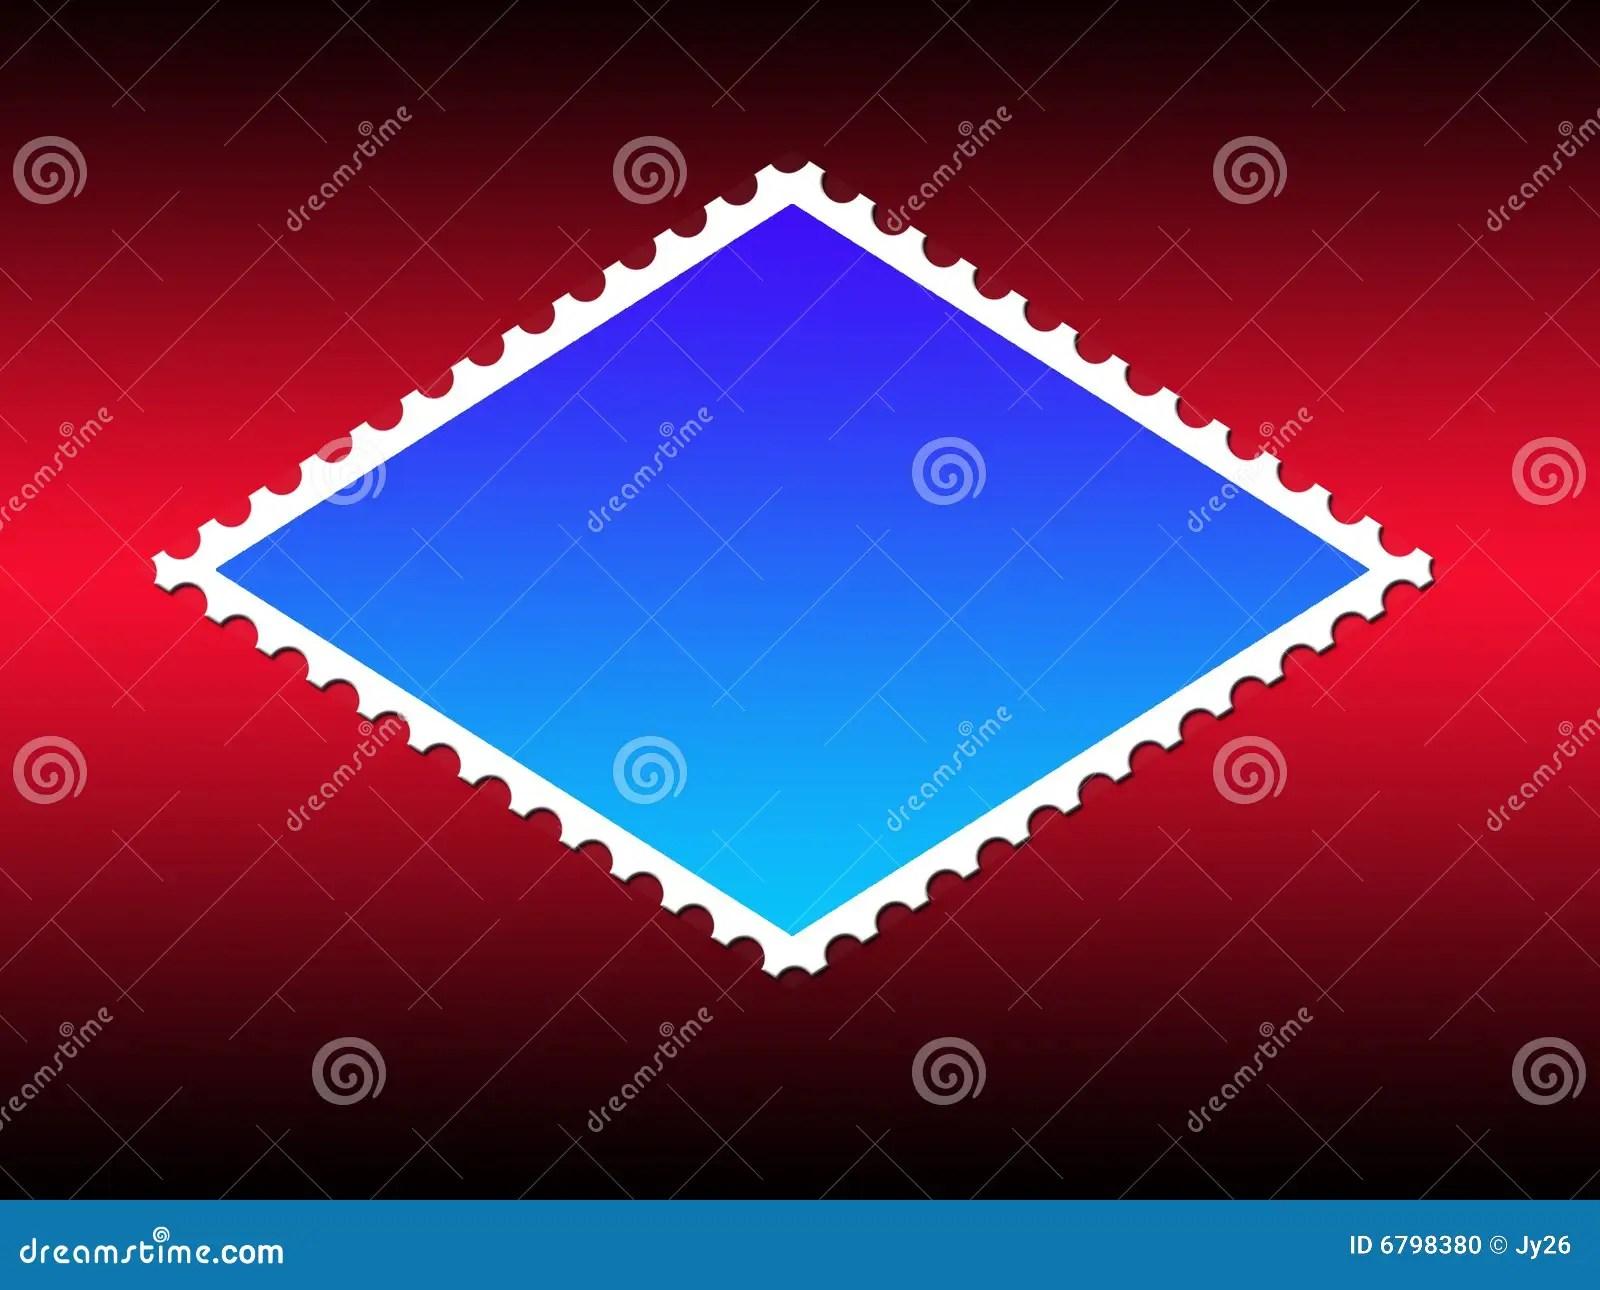 Parallelogram Shape Stamp Frame Stock Illustration